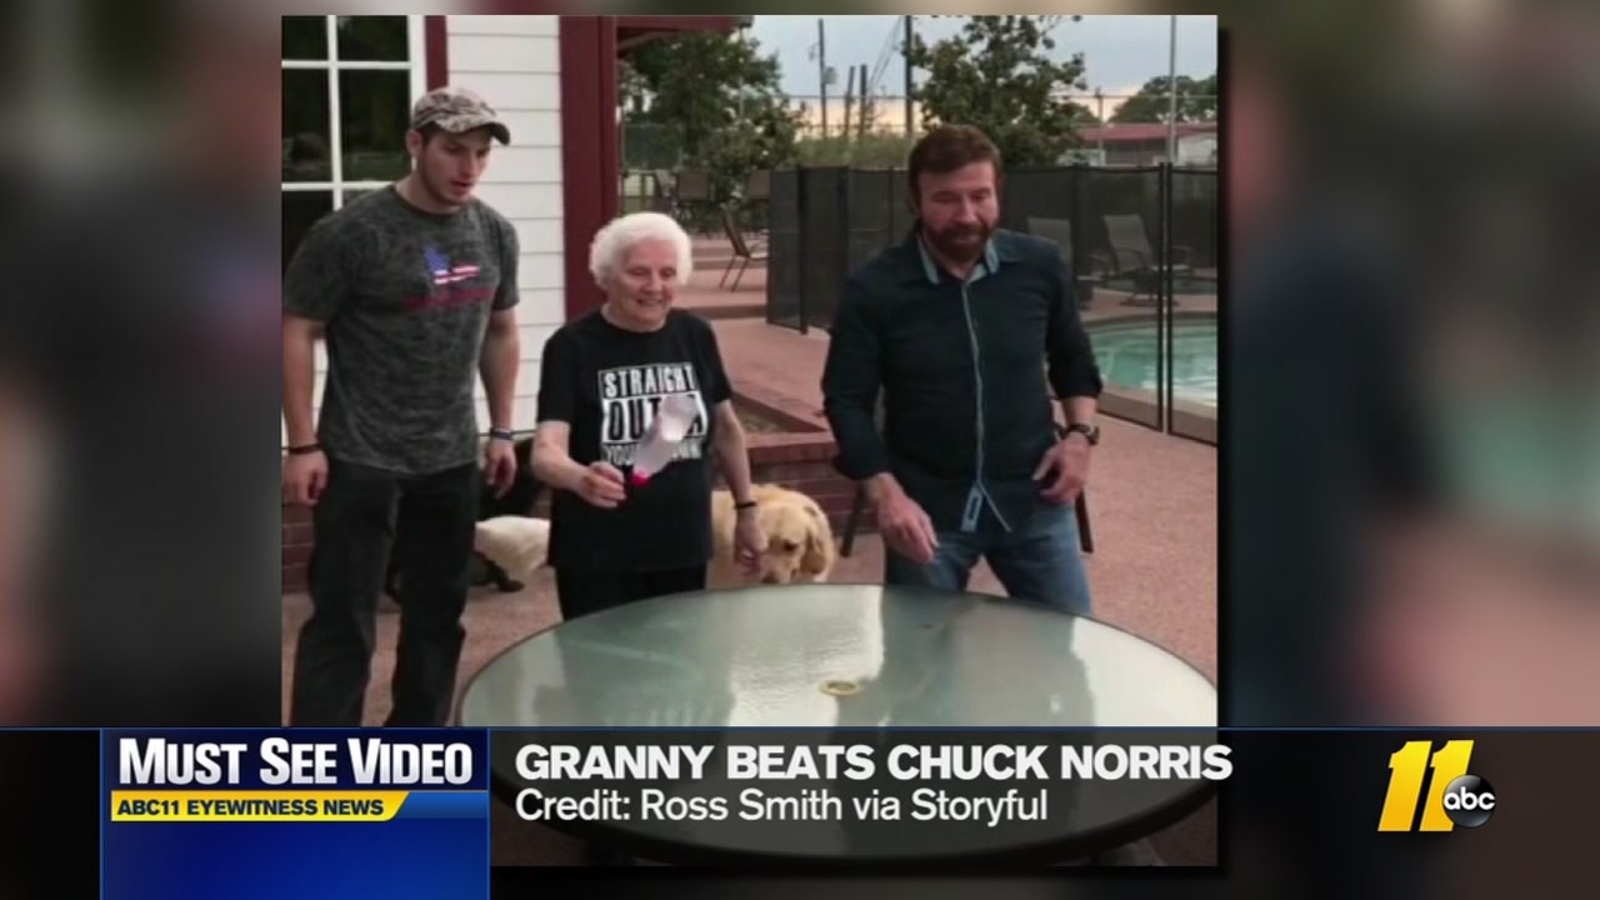 Granny beats Chuck Norris